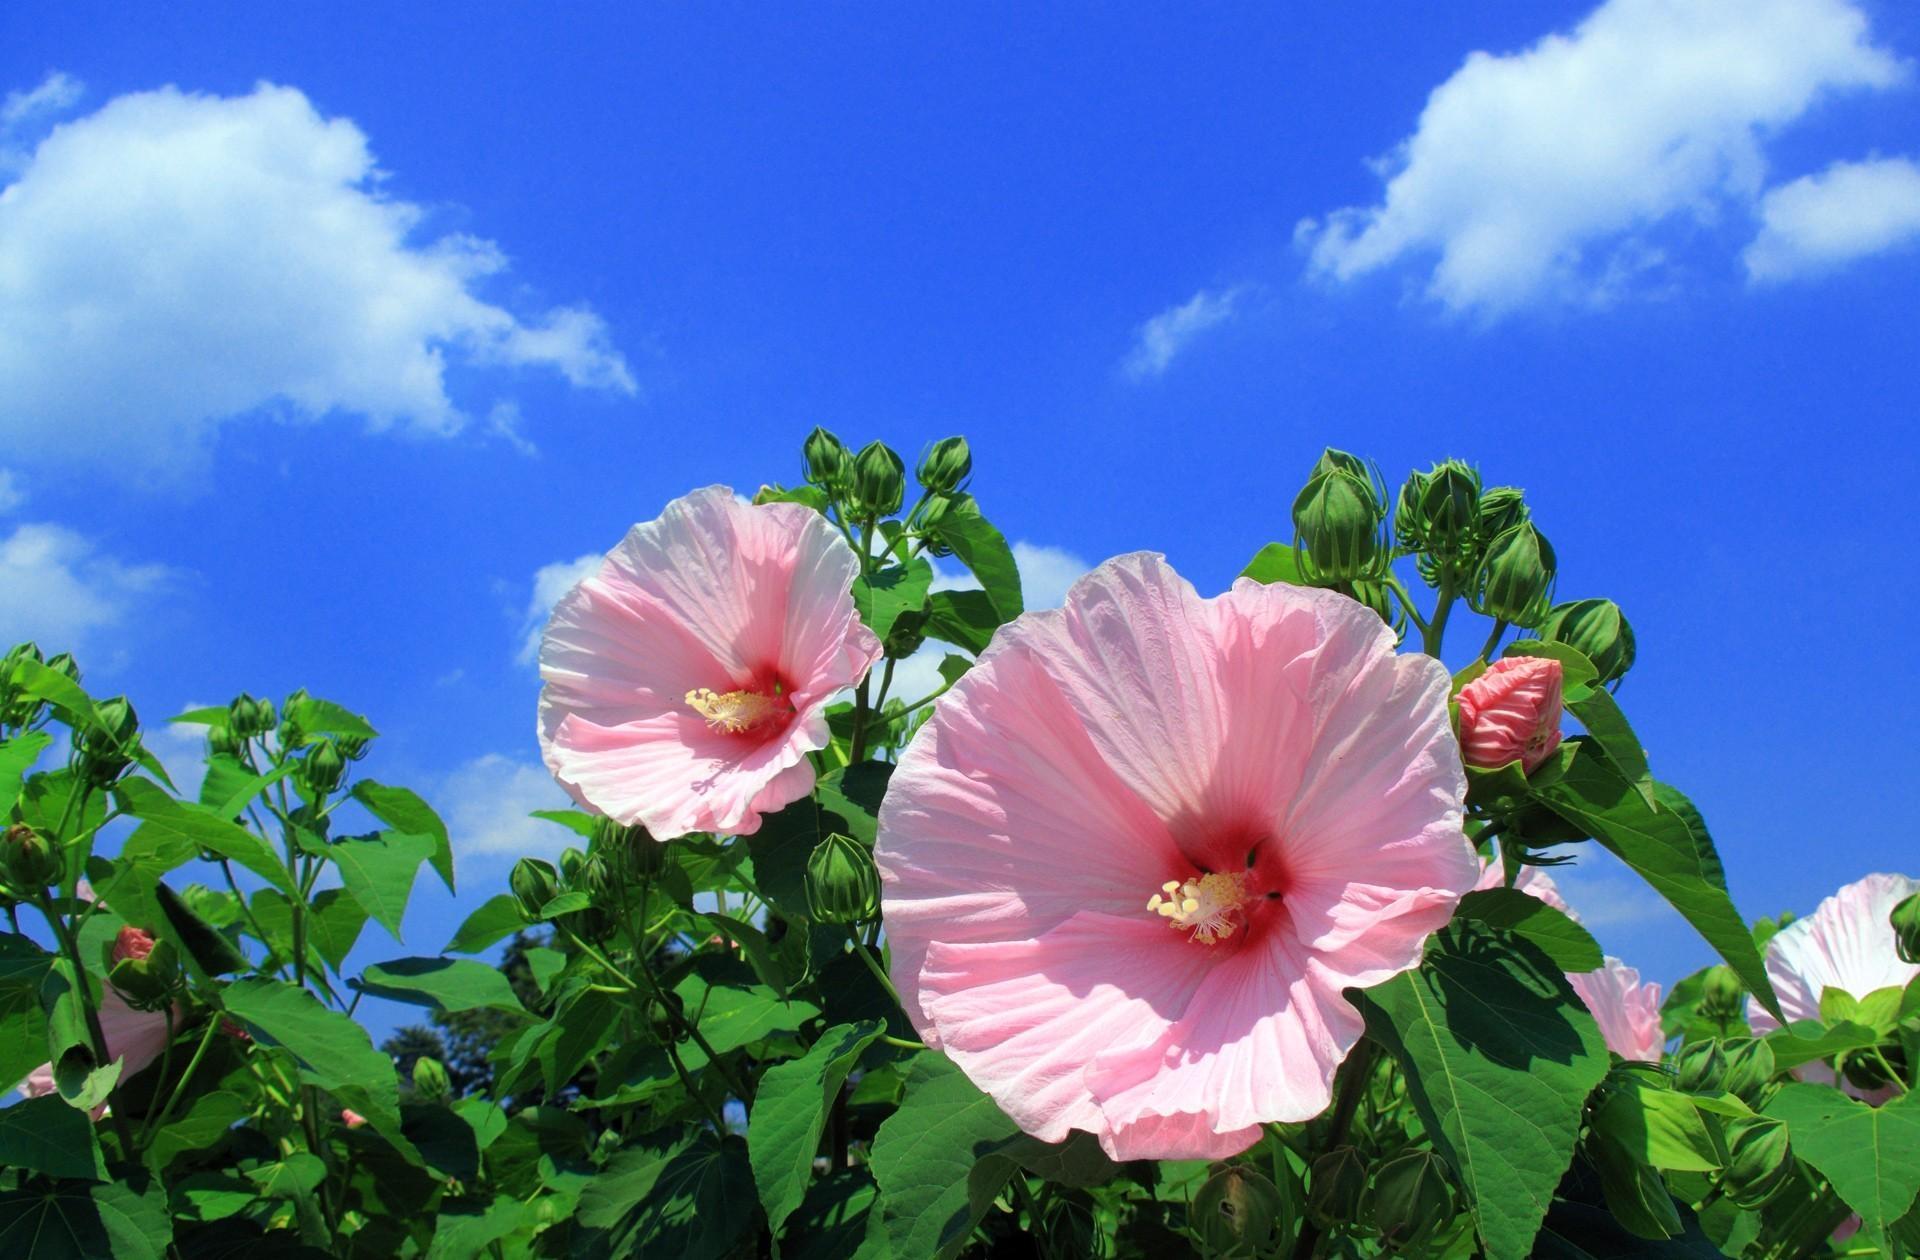 150032 Salvapantallas y fondos de pantalla Flores en tu teléfono. Descarga imágenes de Flores, Malva, Cielo, Nubes gratis